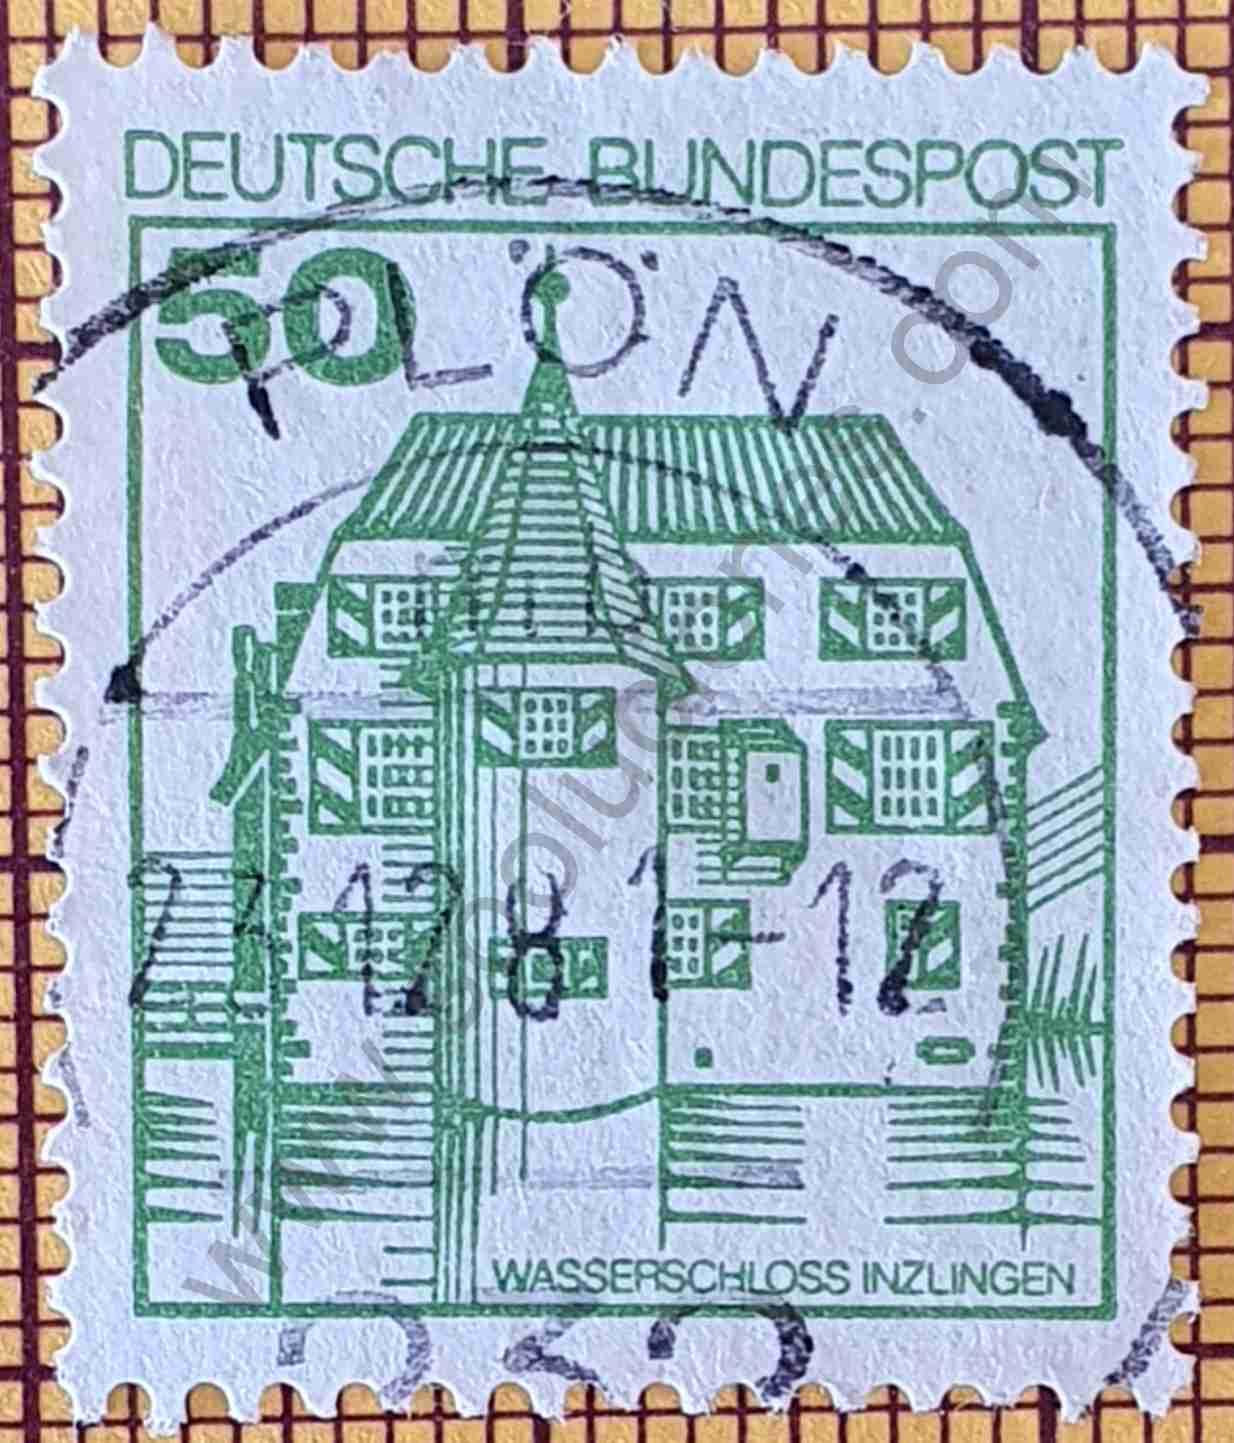 Sello con el Castillo con foso Inzlingen - Alemania 1980